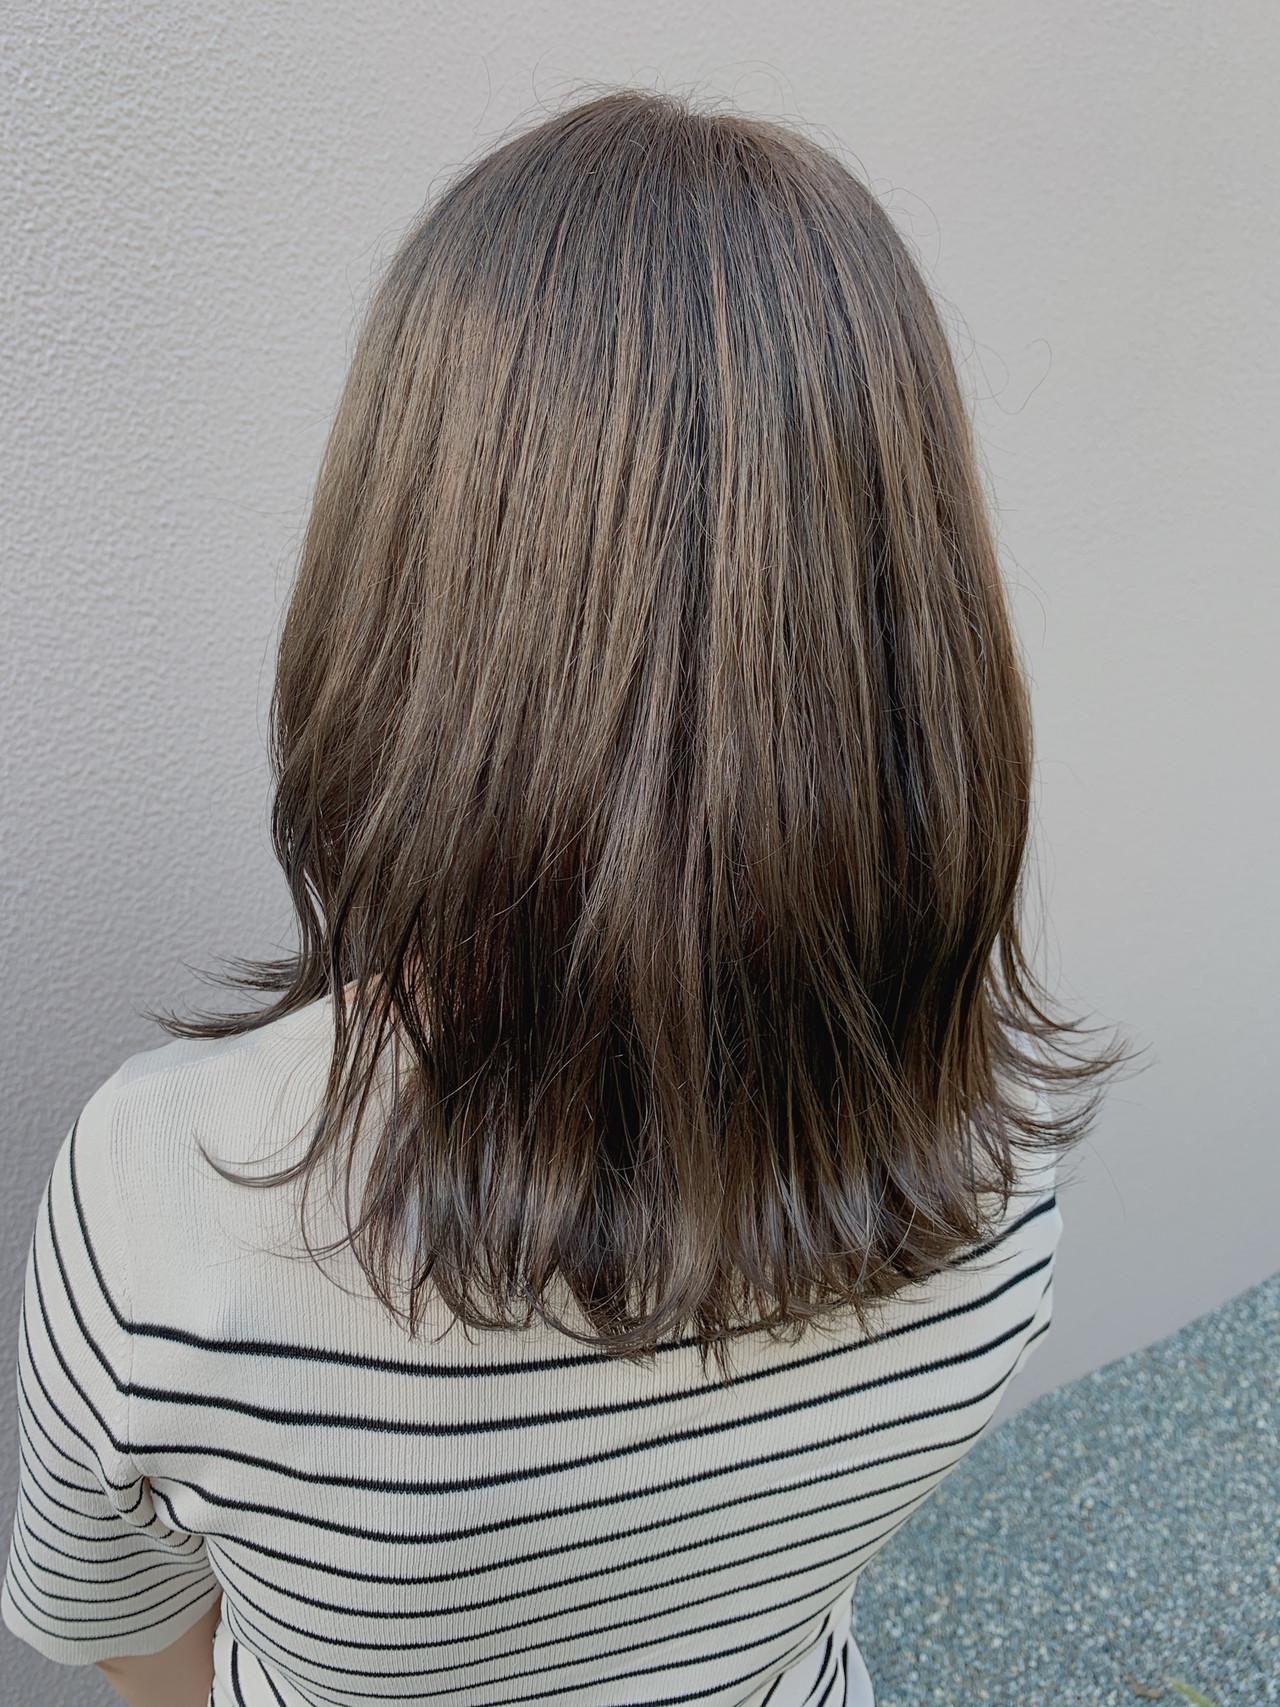 ミルクティー ベージュ ナチュラル ミルクティーベージュ ヘアスタイルや髪型の写真・画像 | 中林宗一朗 / linda by neolive